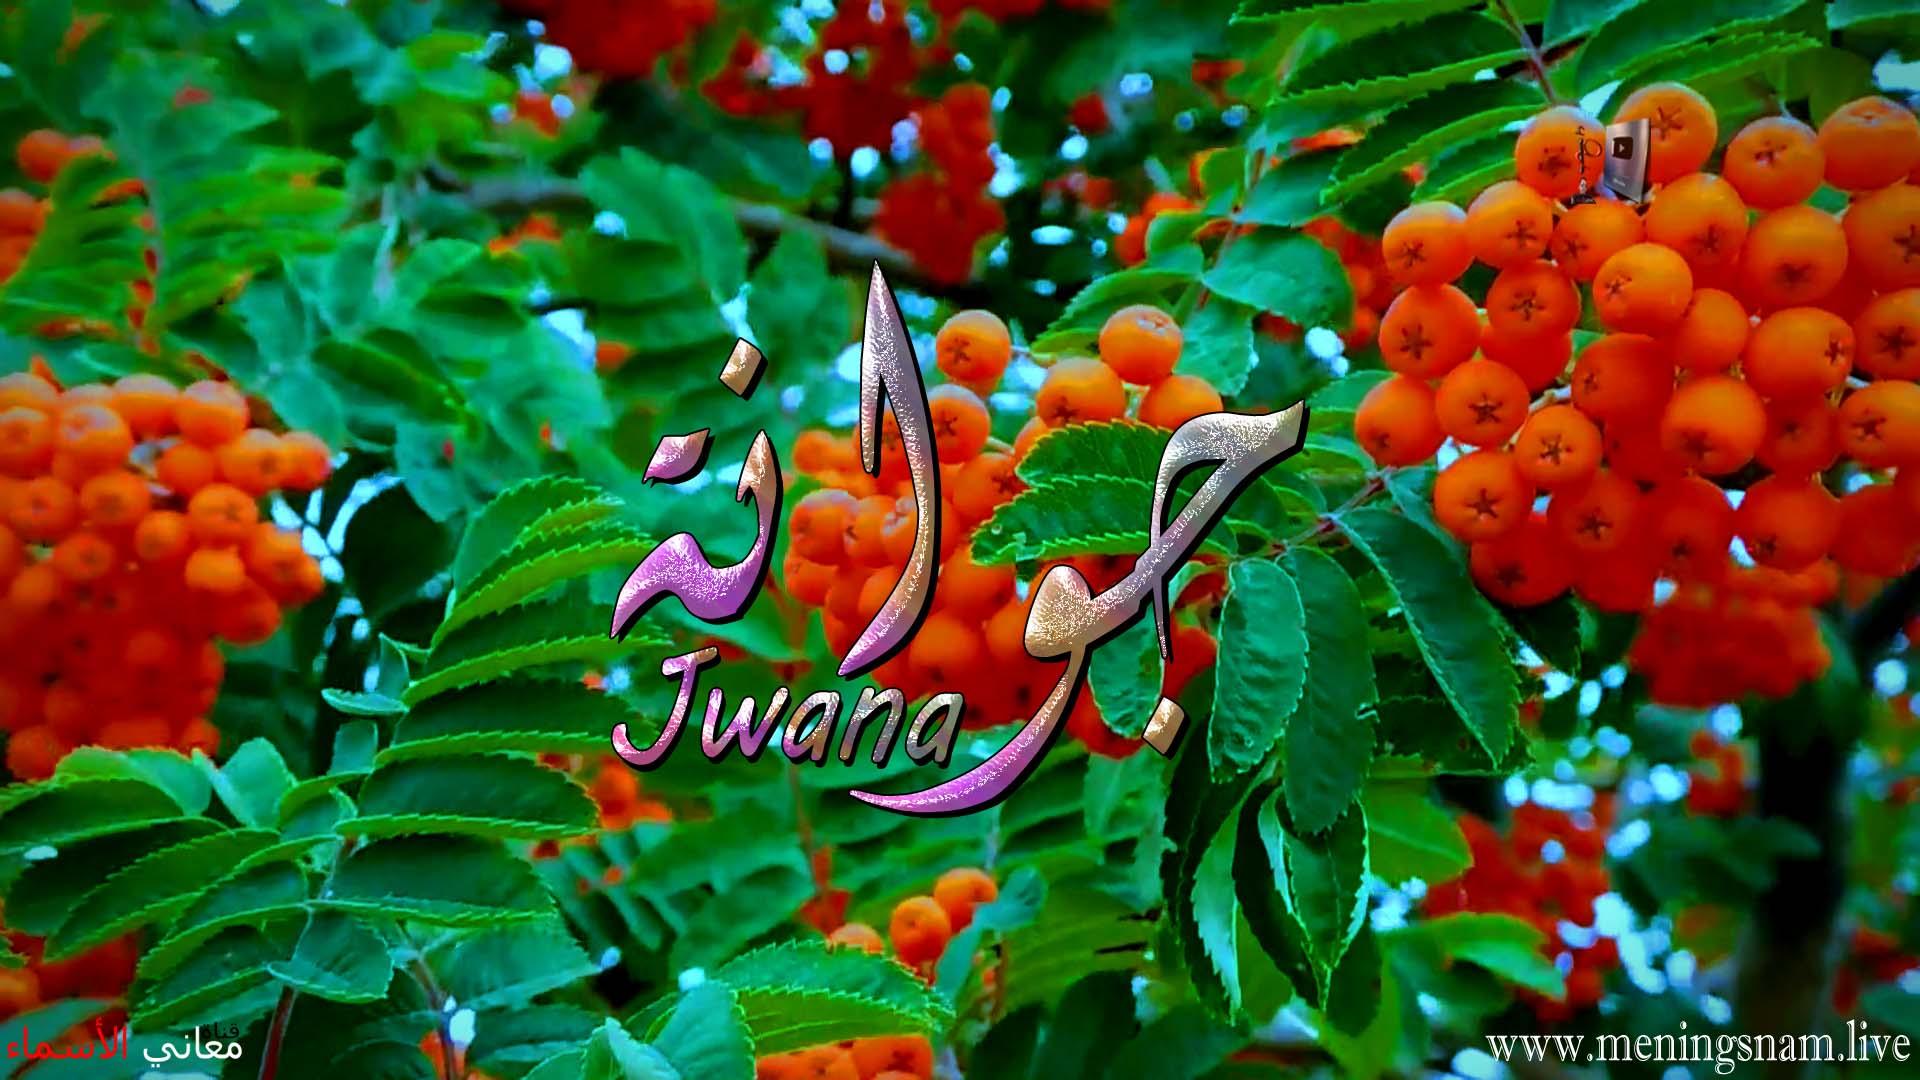 معنى اسم جوانة وصفات حاملة هذا الاسم Jwana